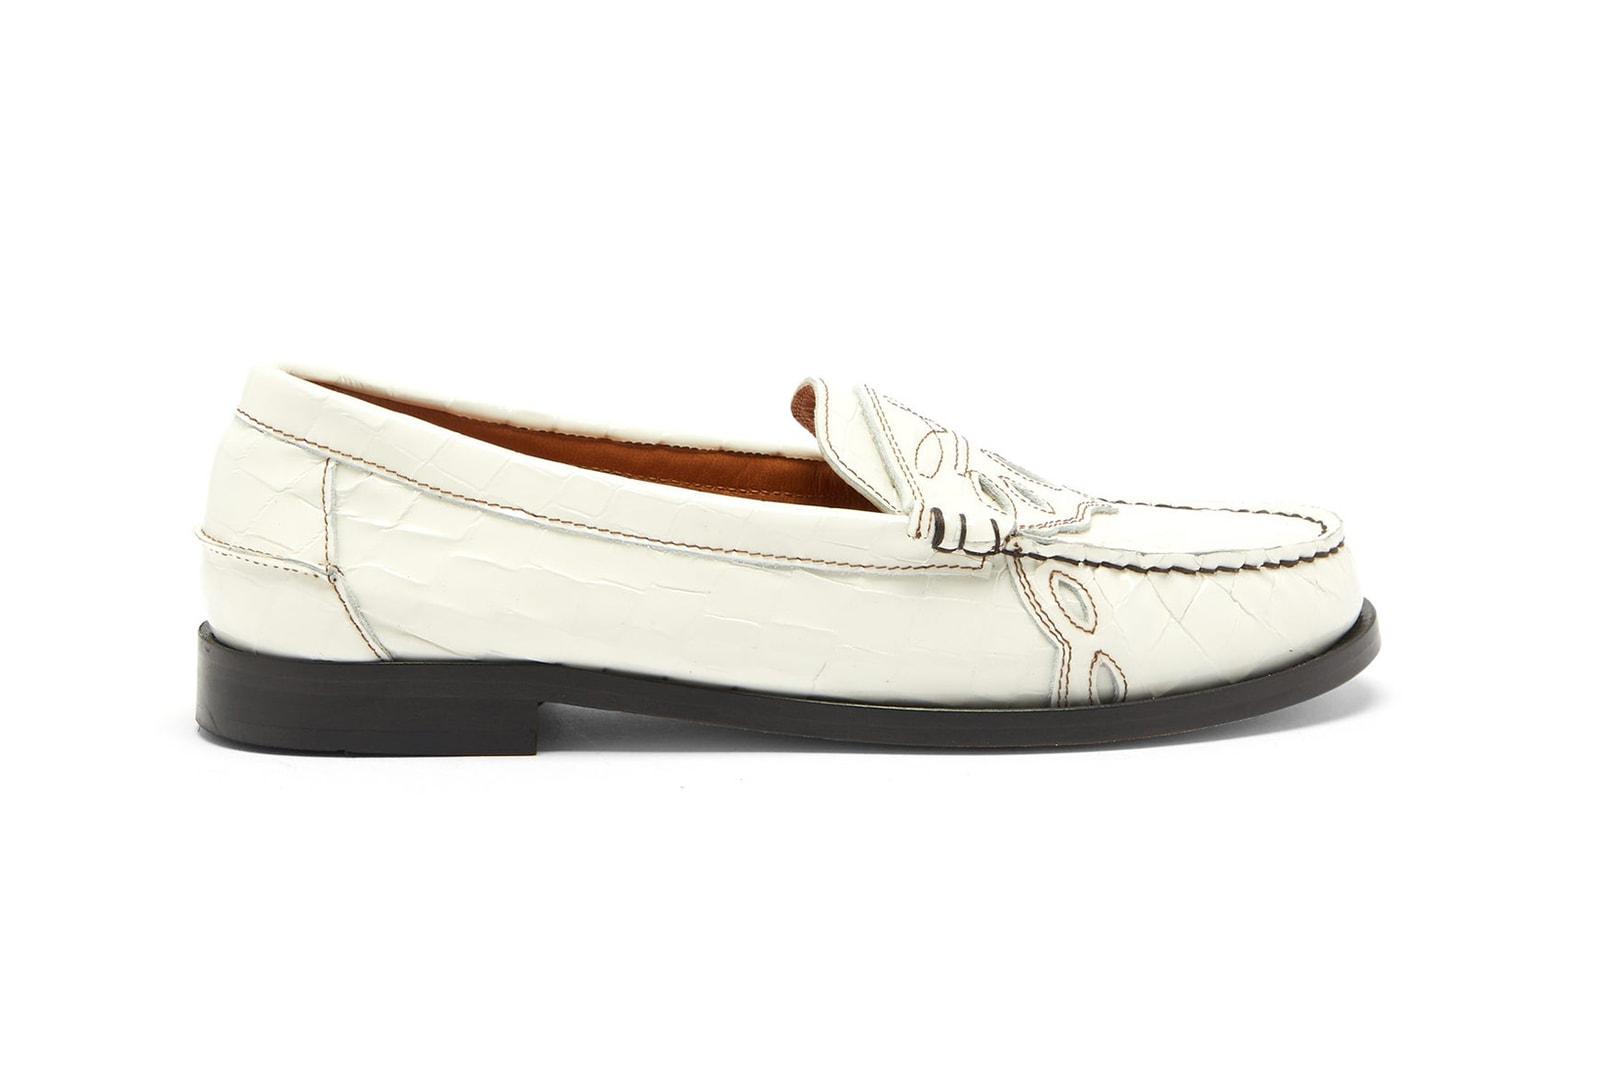 Prada Logo Loafers Black Leather Designer Shoes Ankle Bracelet